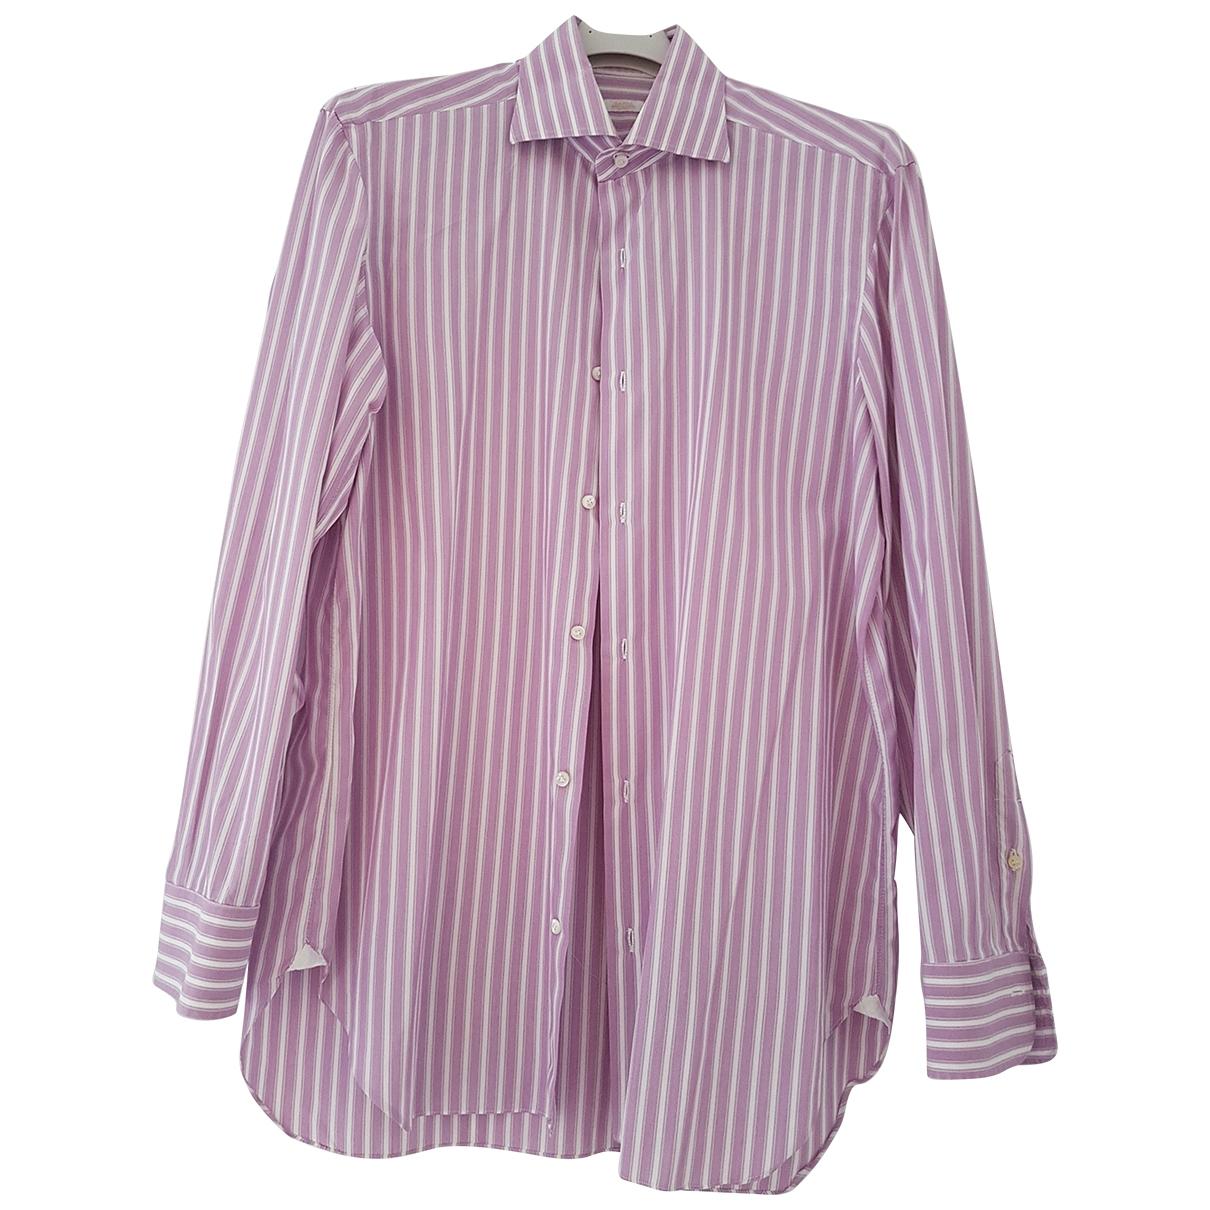 Barba - Chemises   pour homme en coton - rose